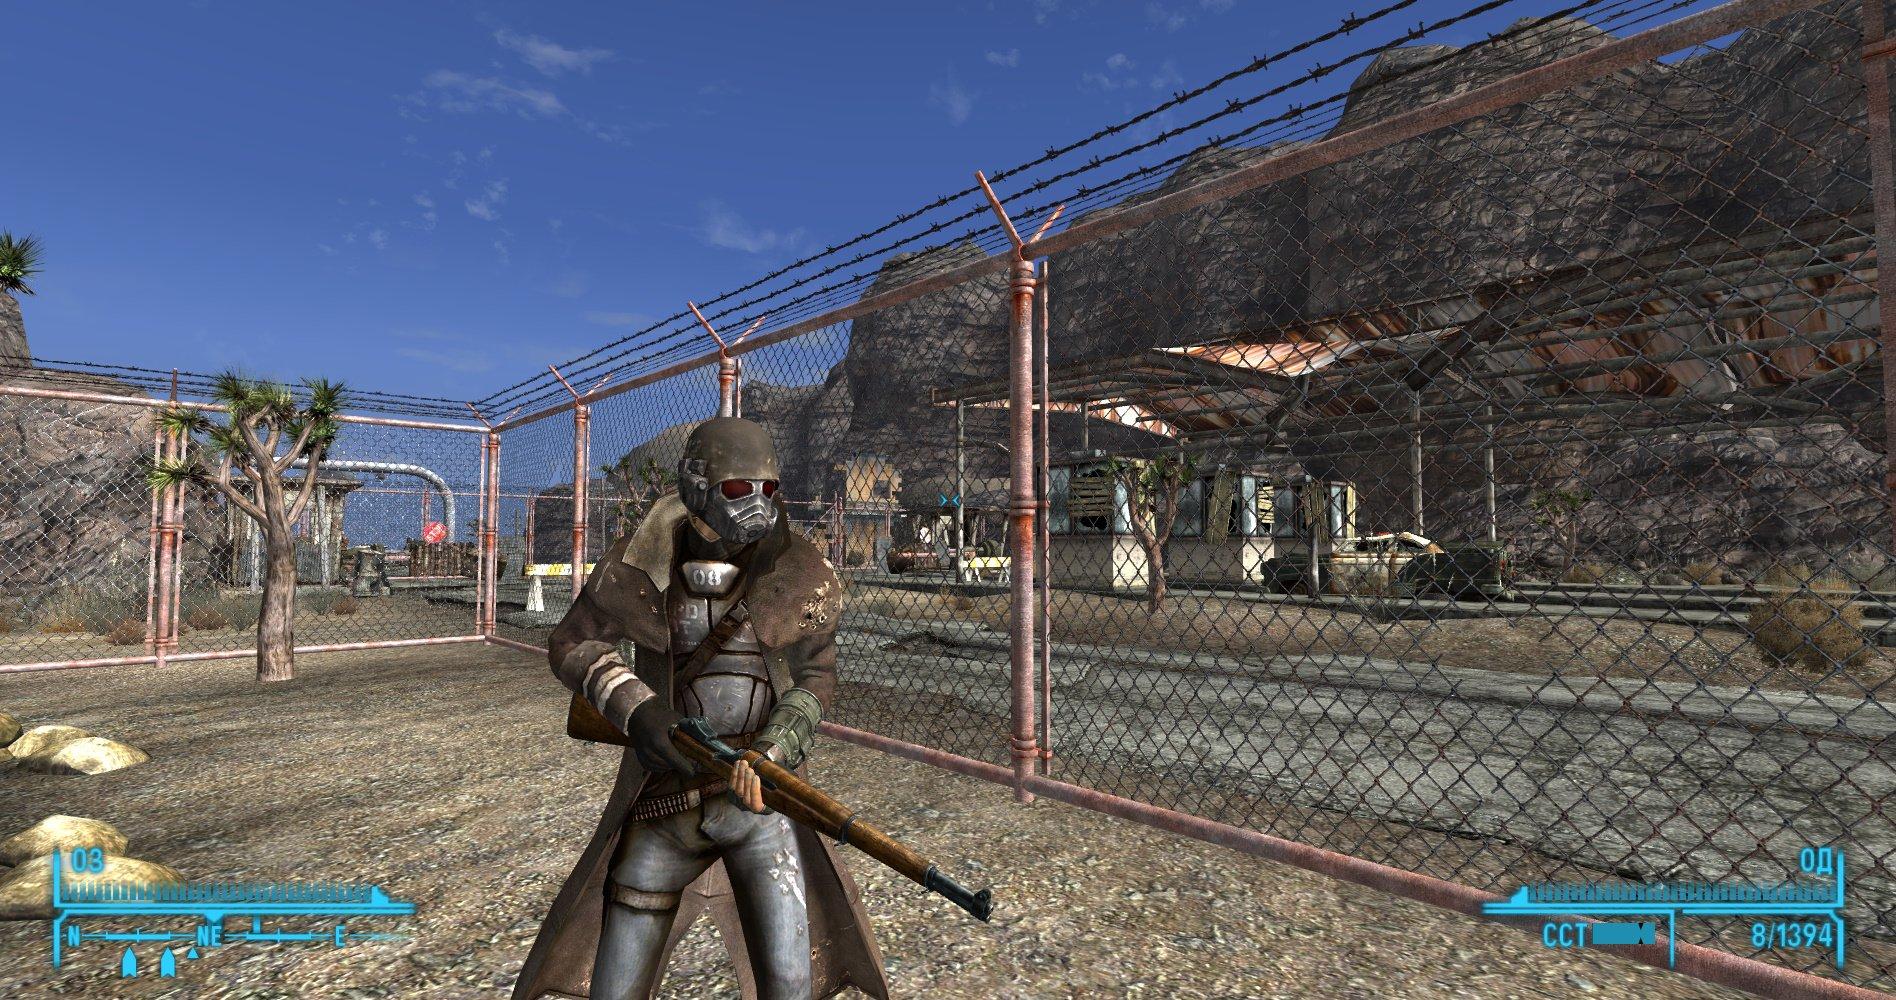 Сравнительный анализ (на самом деле нет) Fallout New Vegas vs. Fallout 4 (часть 1). - Изображение 4